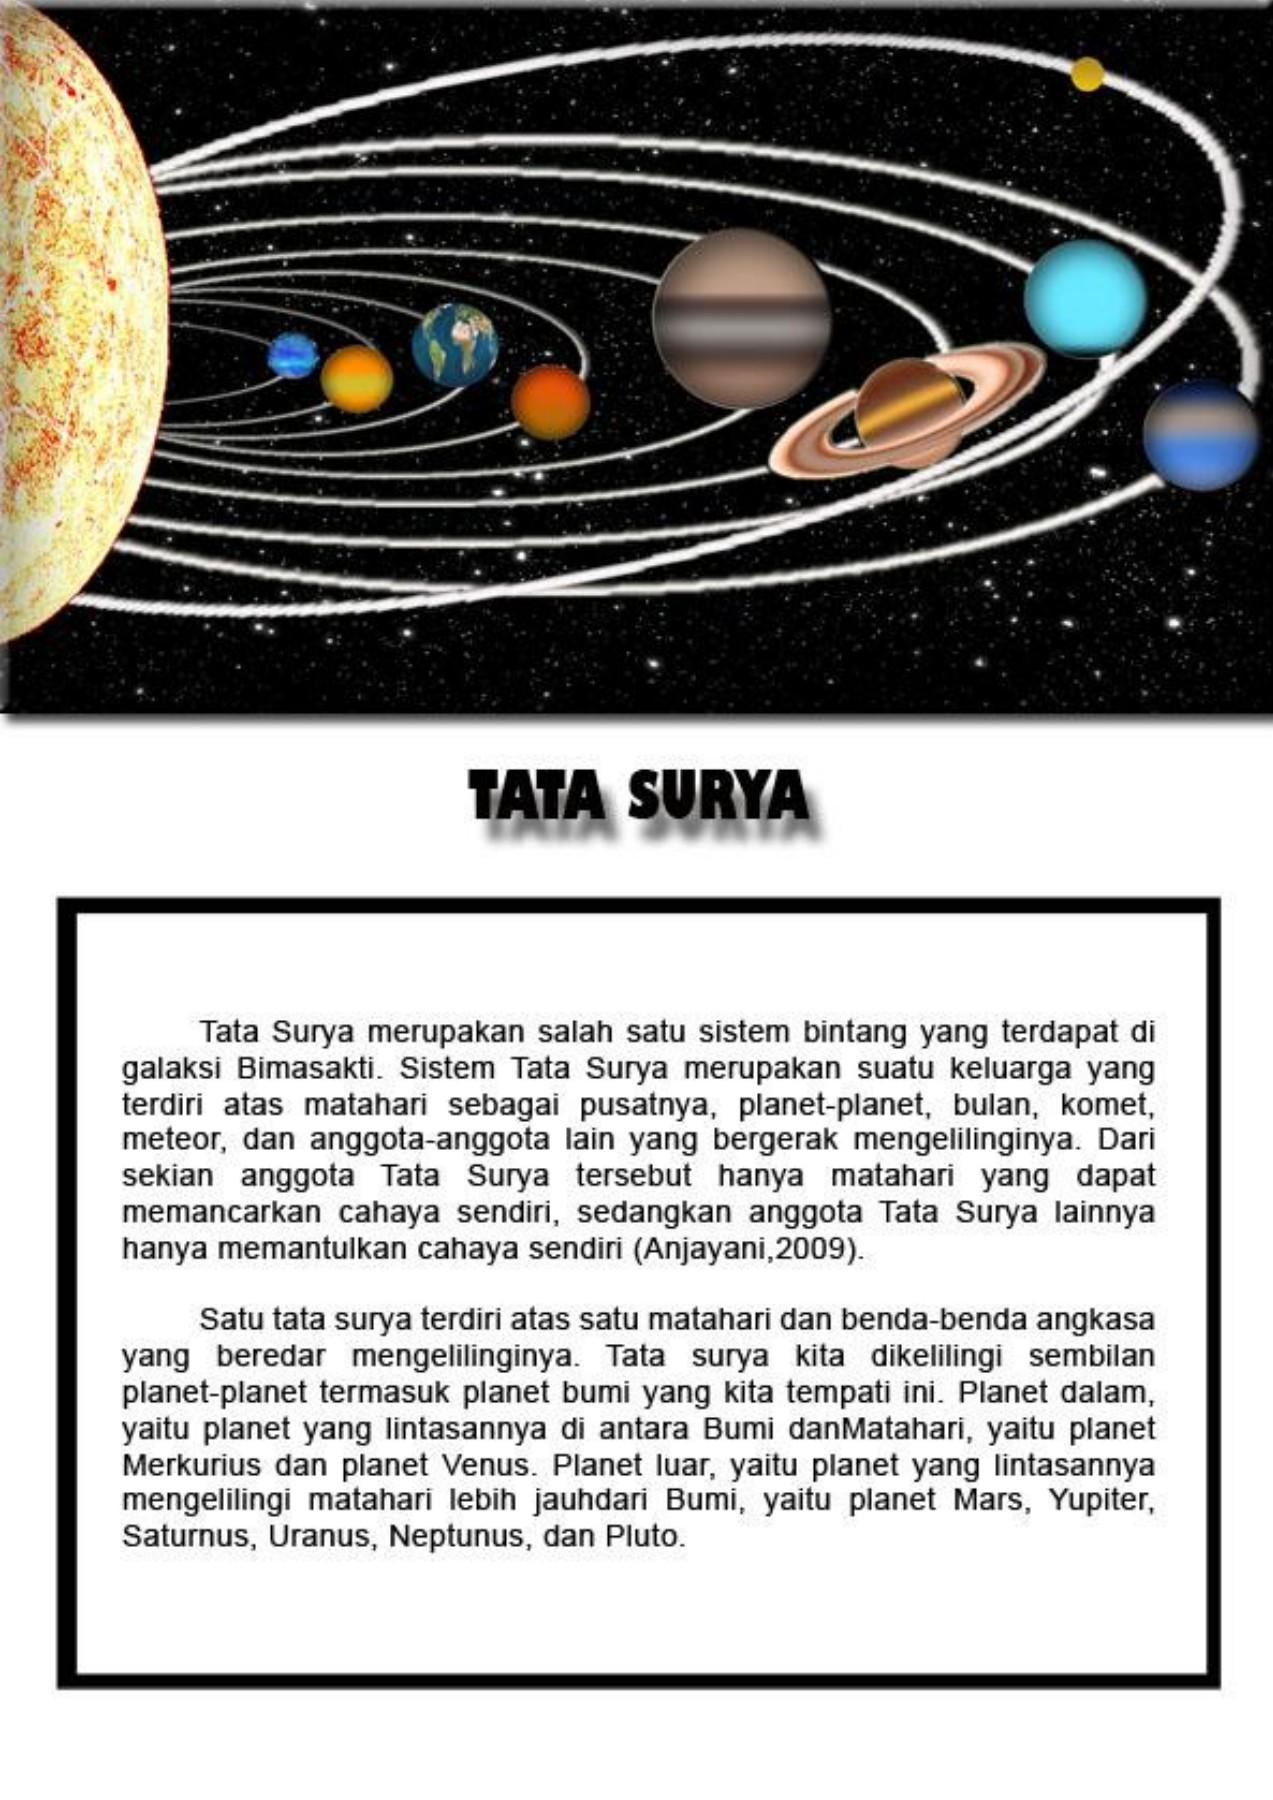 Tata Surya (Pengertian, Sistem, Planet, Gambar)